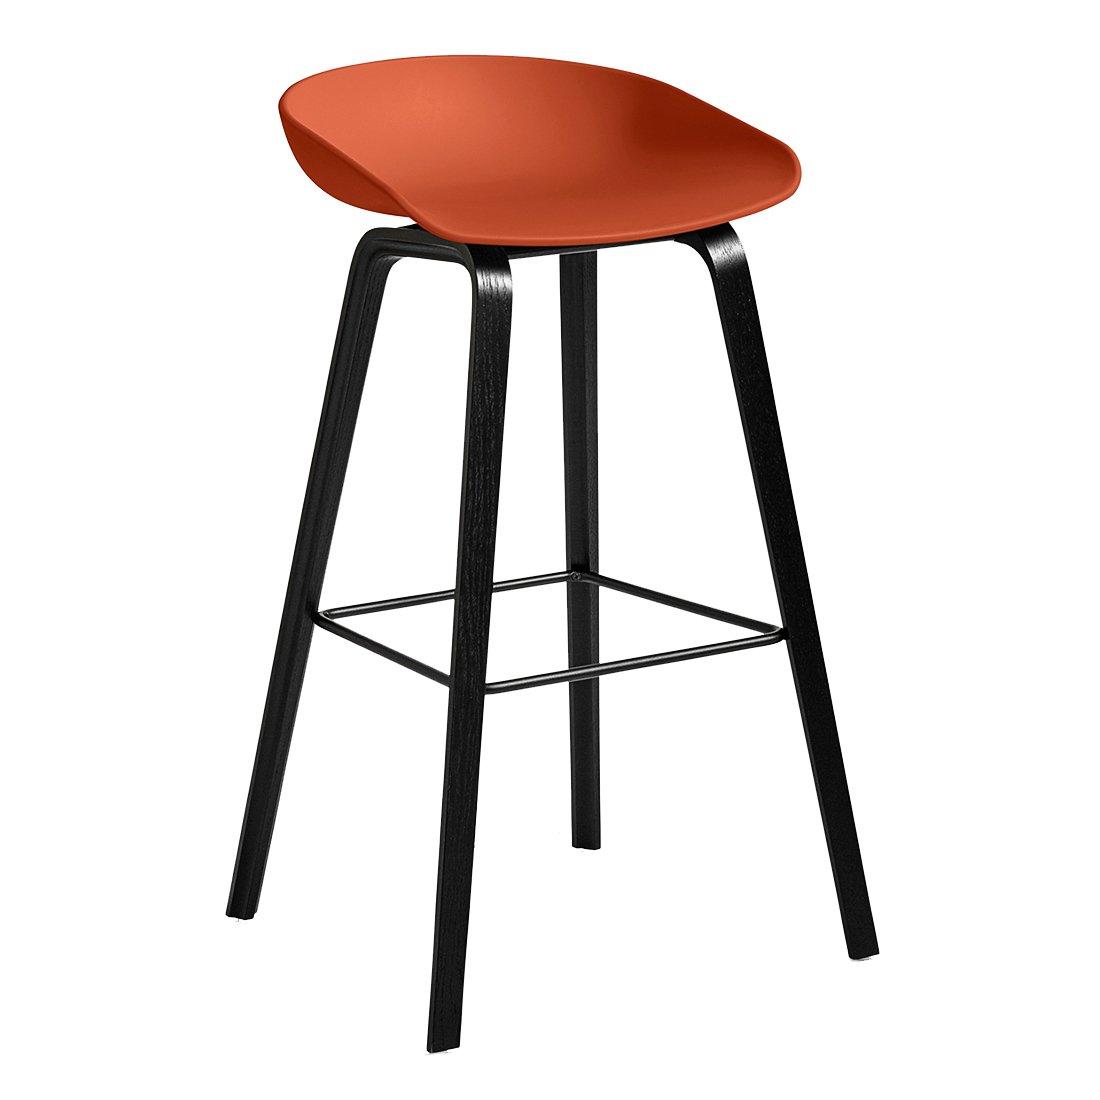 HAY About A Stool AAS 32 Barkruk Zwart Gebeitst 74 cm Oranje